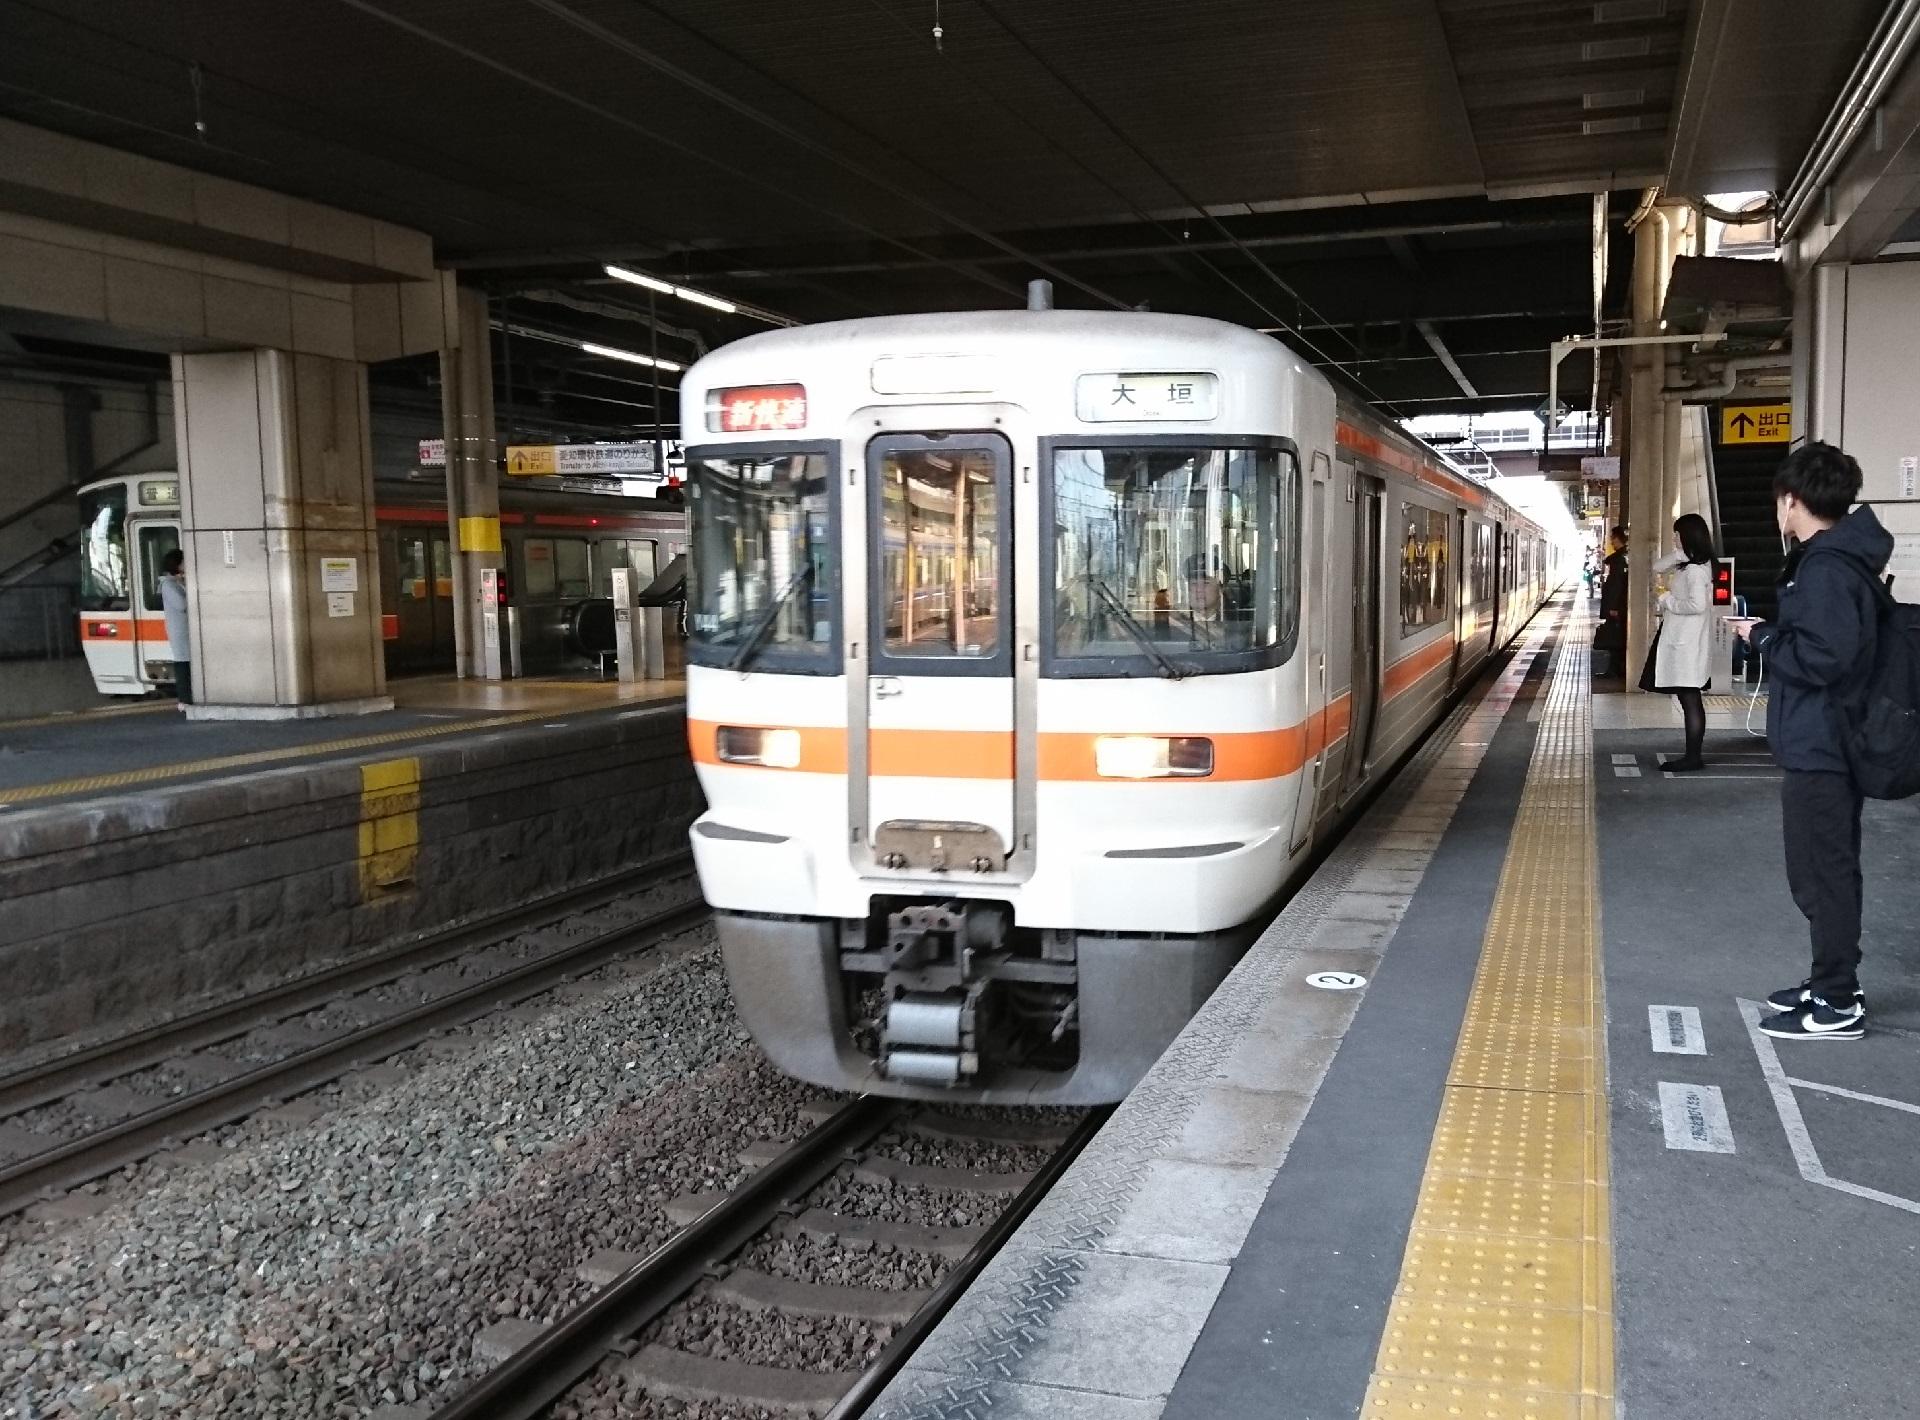 2017.3.23 東海道線 (25) 岡崎 - 大垣いき新快速 1920-1420